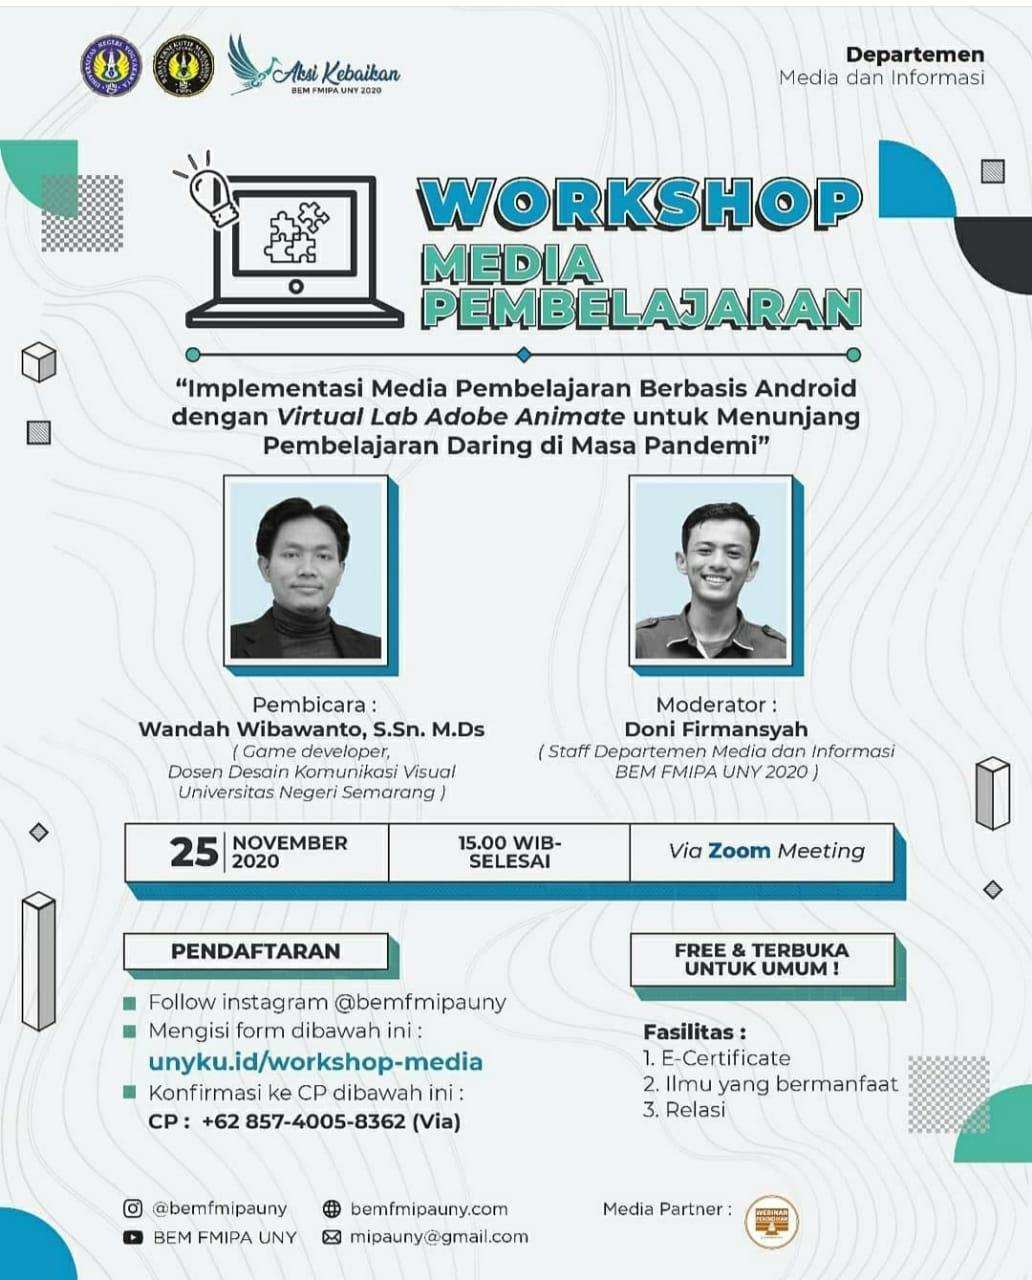 Workshop Media Pembelajaran